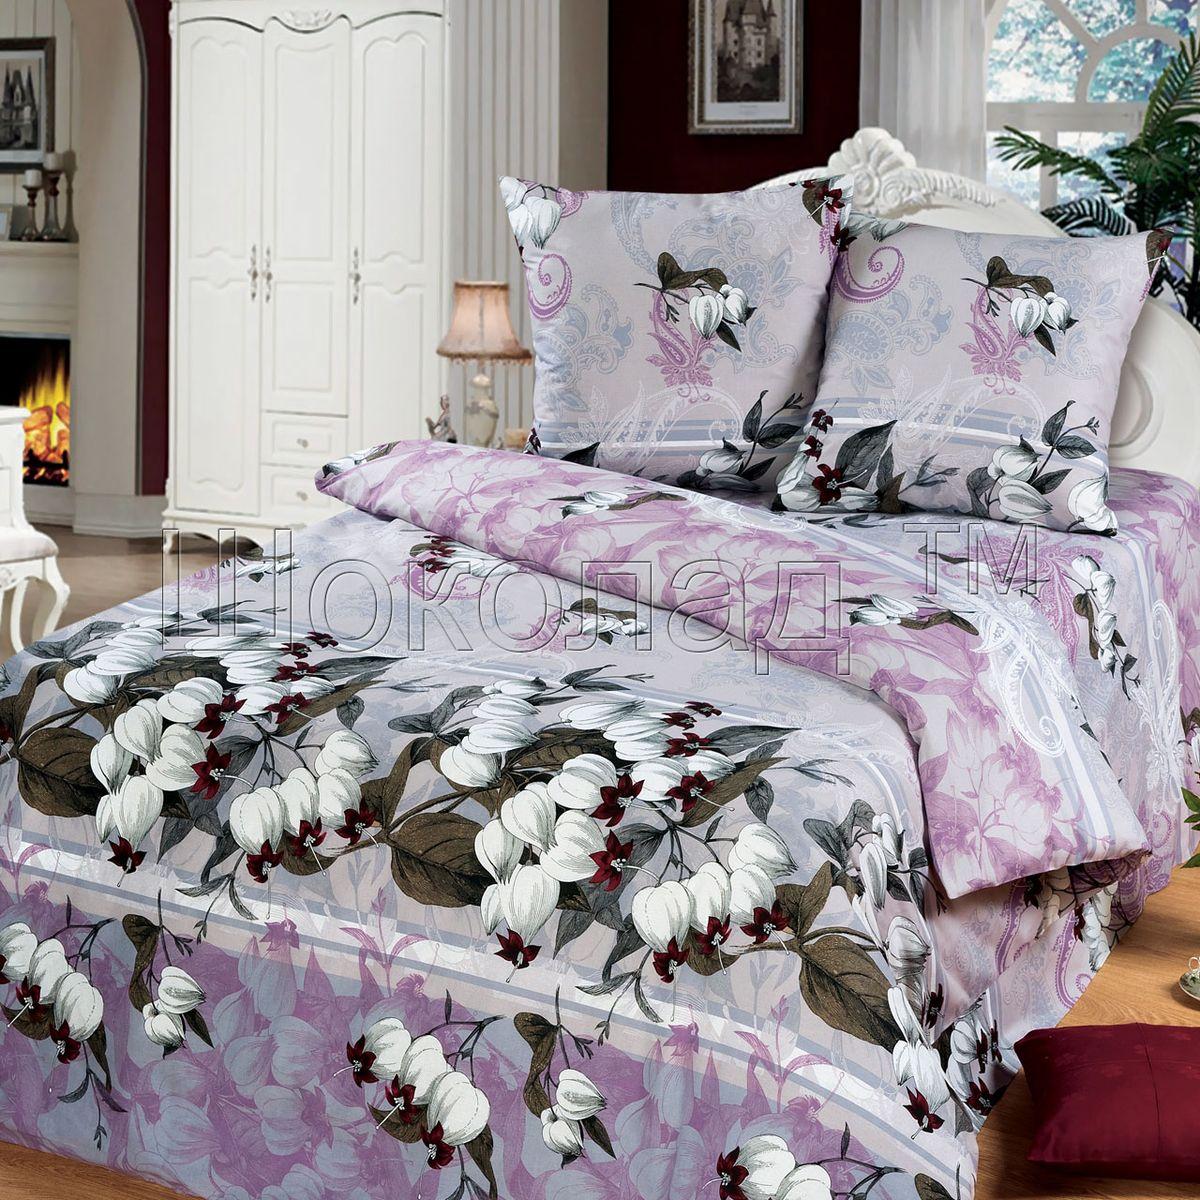 Комплект белья Шоколад Анита, 2-спальный, наволочки 70x70. Б104Б104